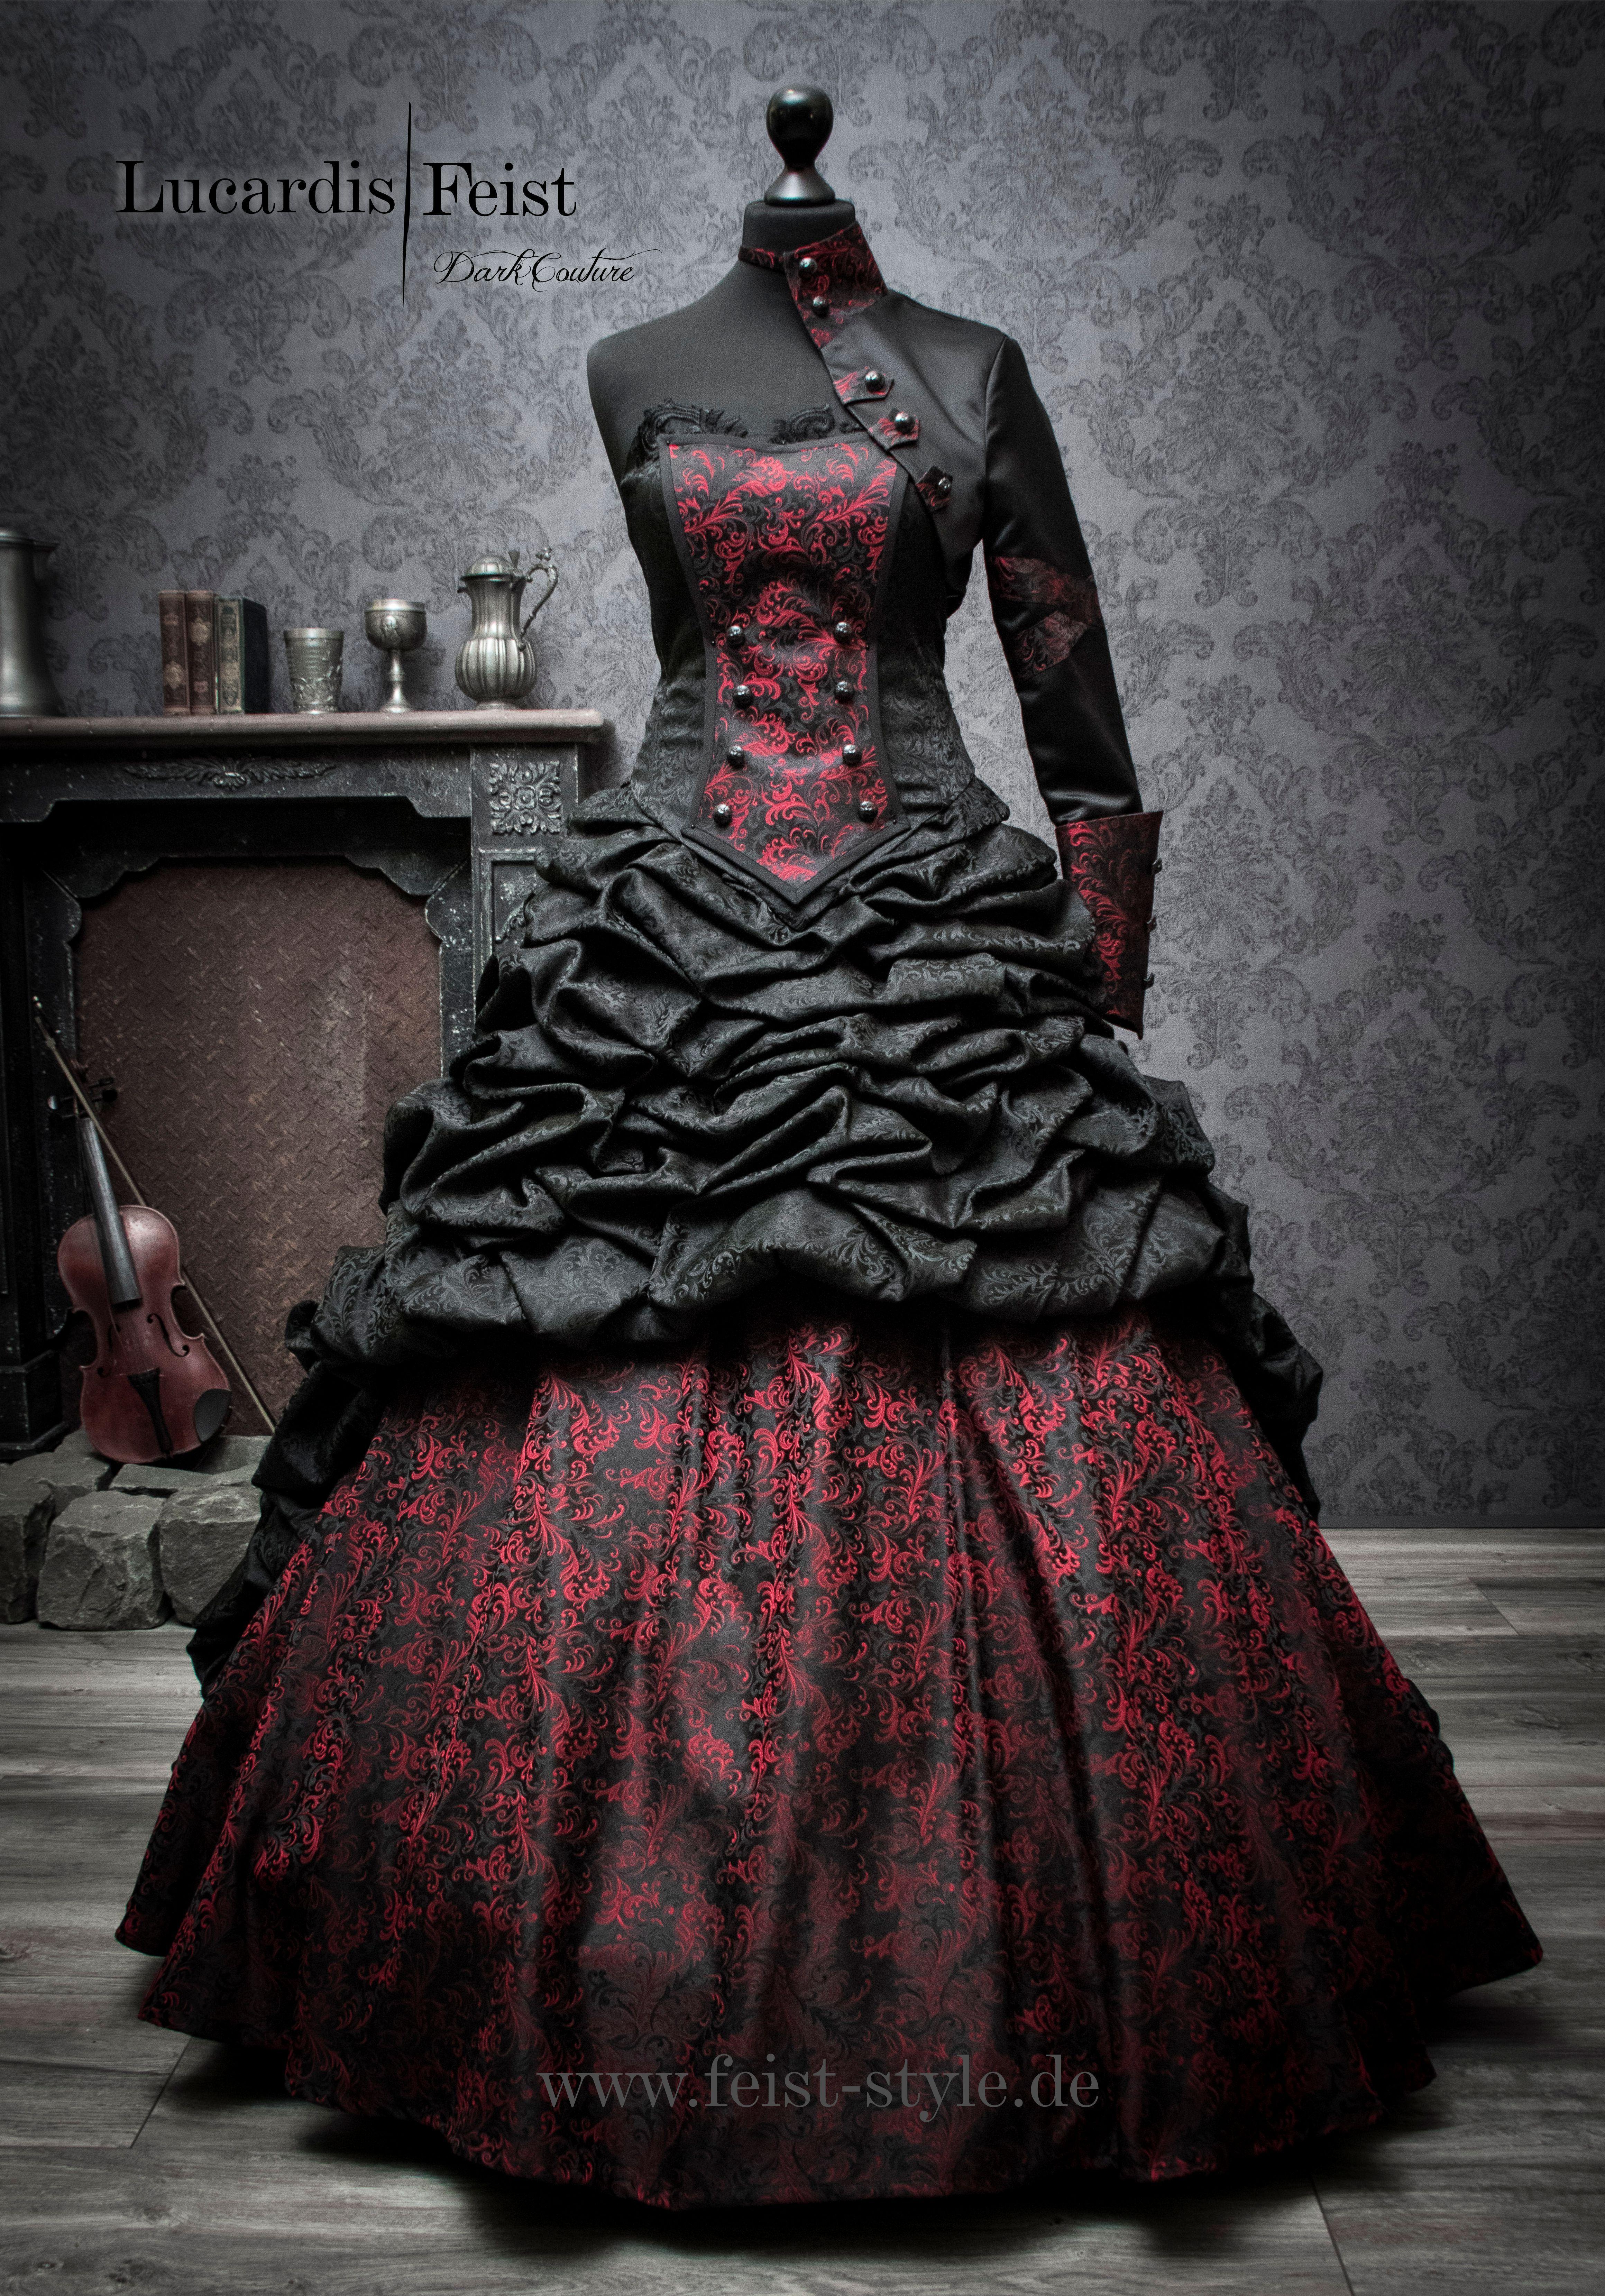 Schwarzes Brautkleid / Lucardis Feist #victorian Außergewöhnliches